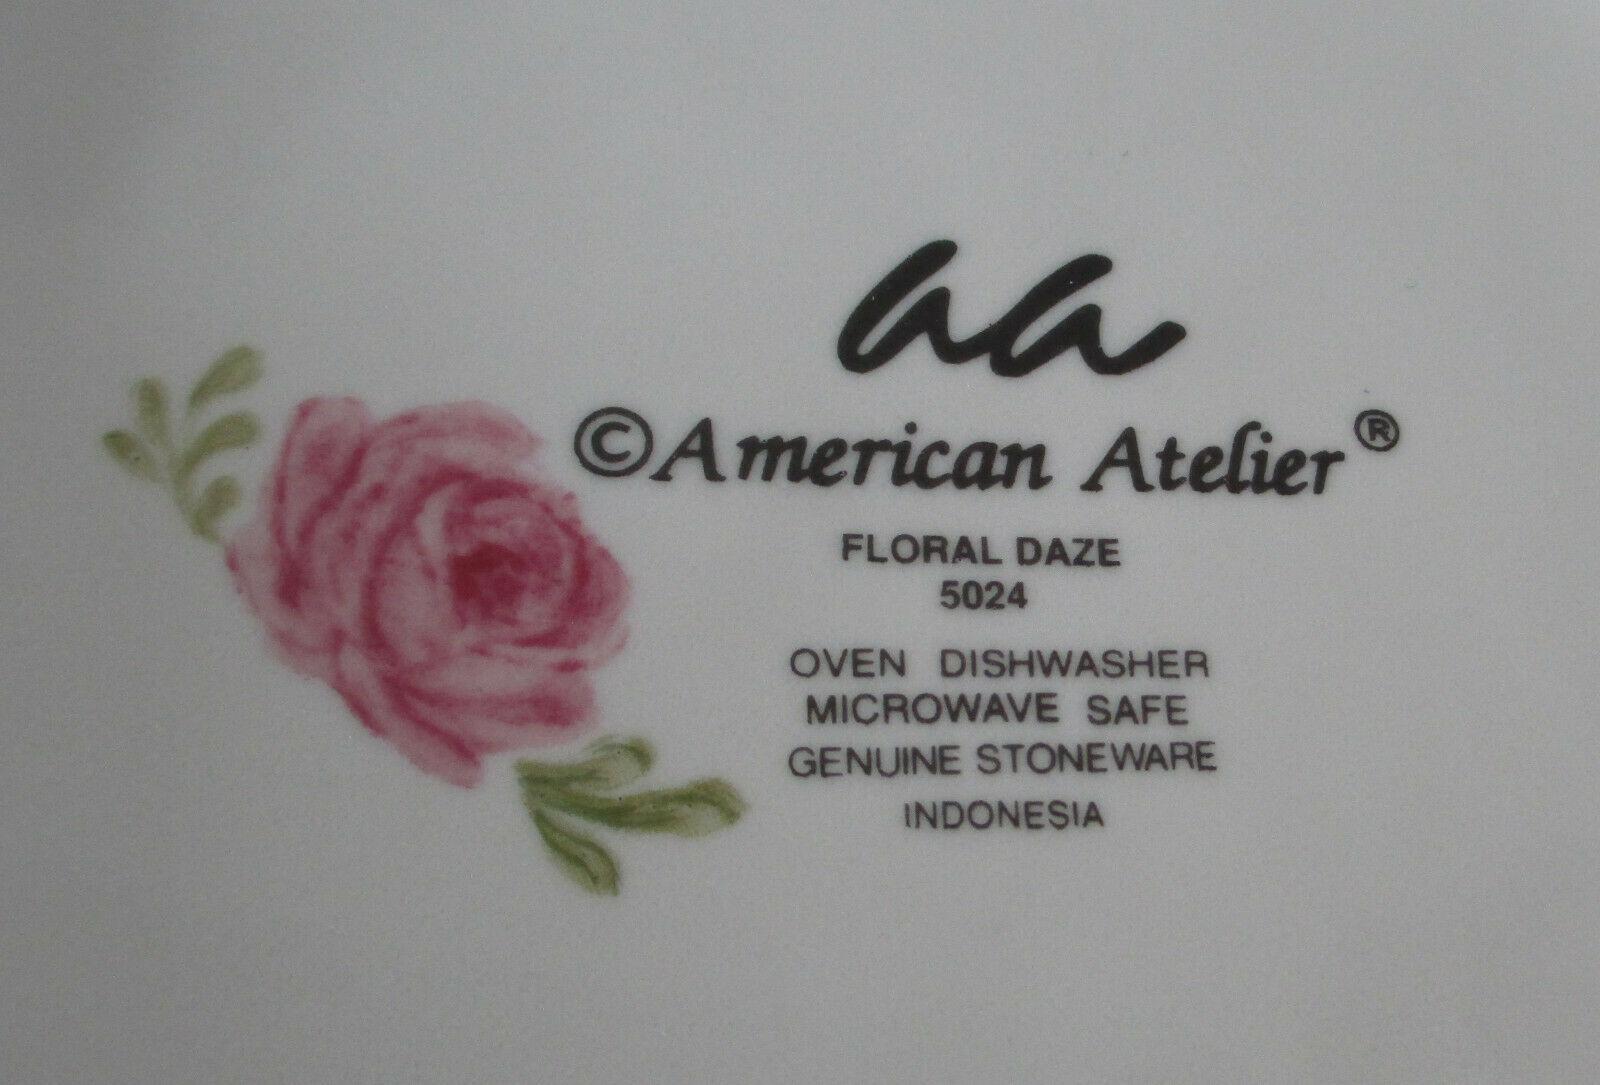 American Atelier 5024 Floral Daze Salad Plate set of 4 image 8